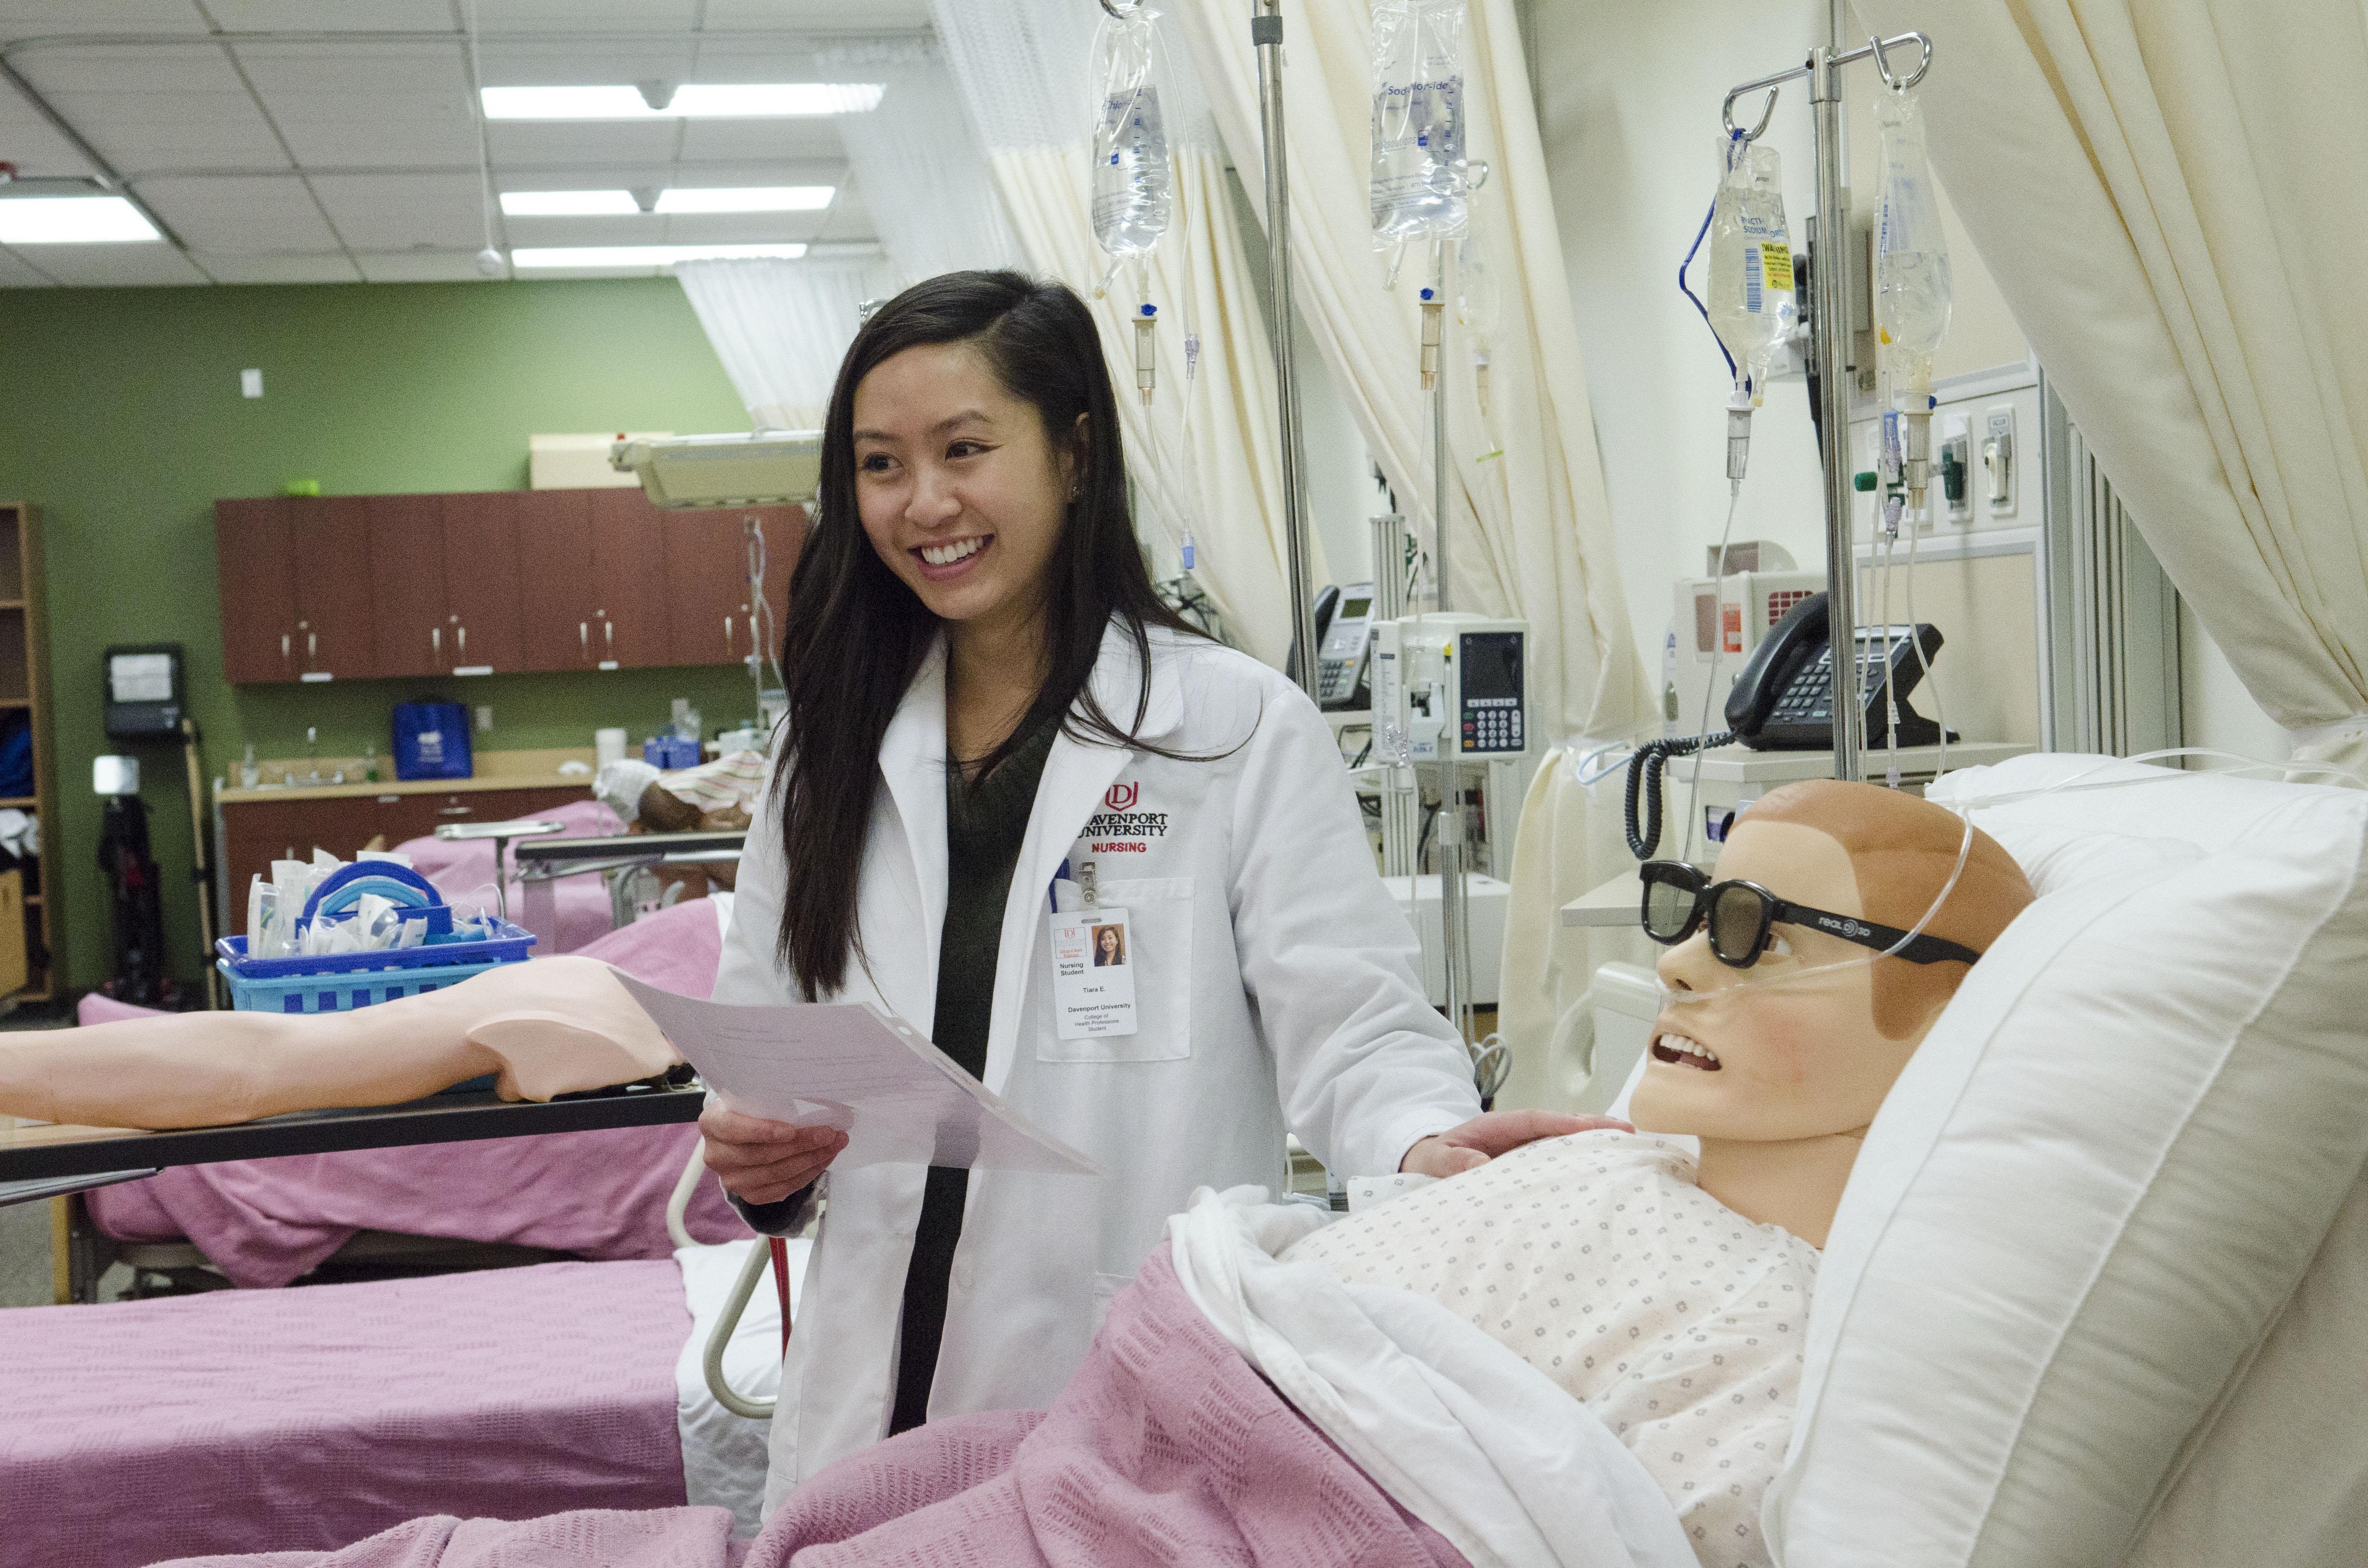 Tiara Escondo, a nursing student, with a simulator